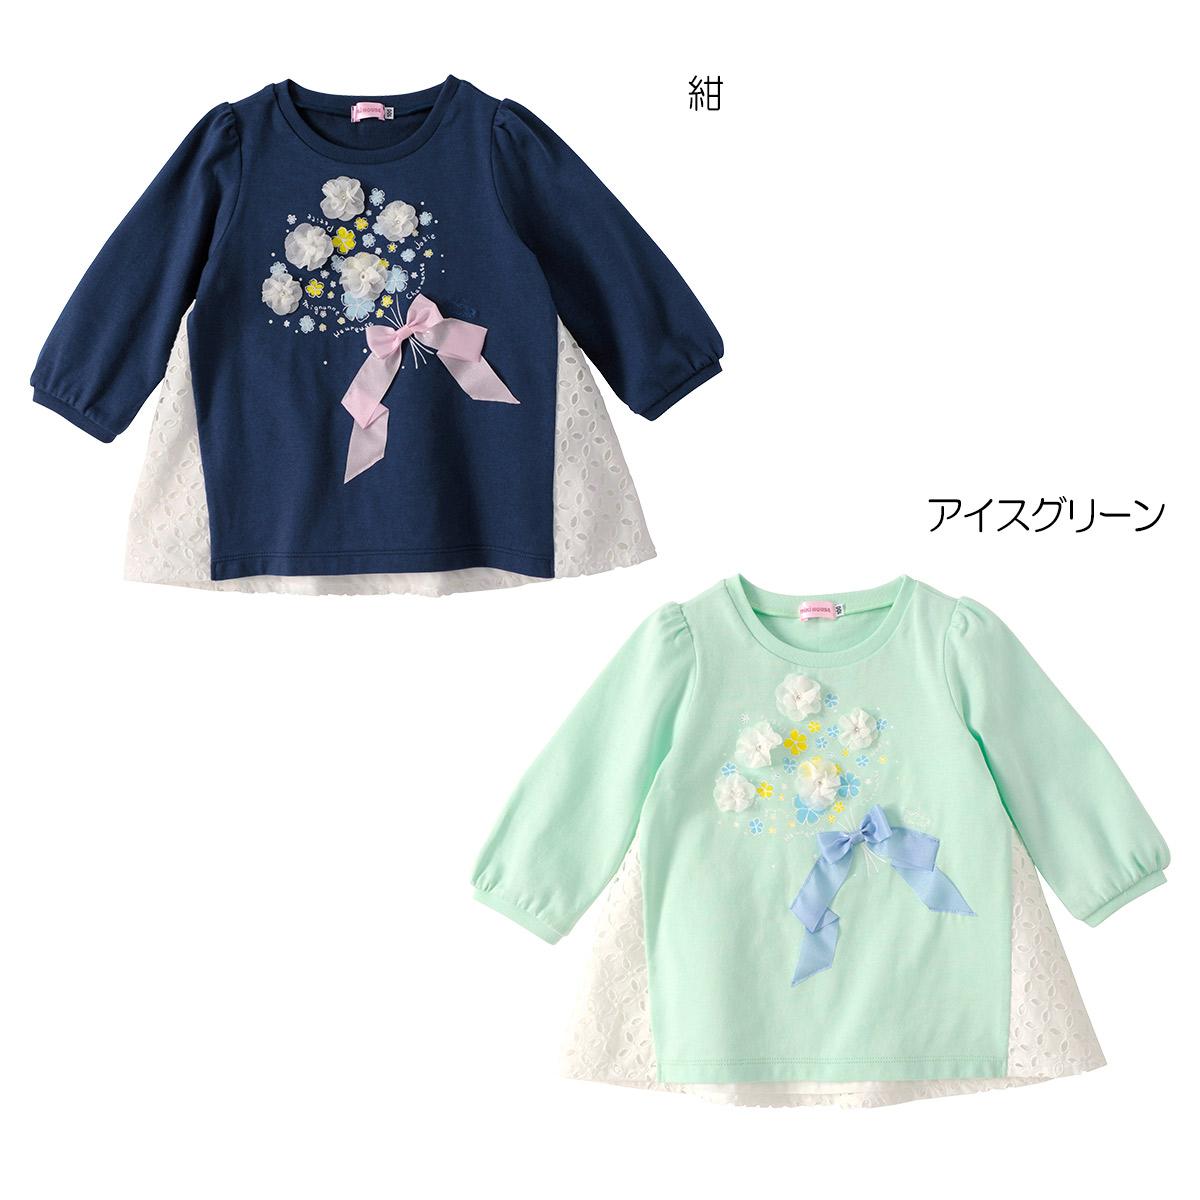 【アウトレット】ミキハウス mikihouse Tシャツ(100cm・110cm) バーゲン